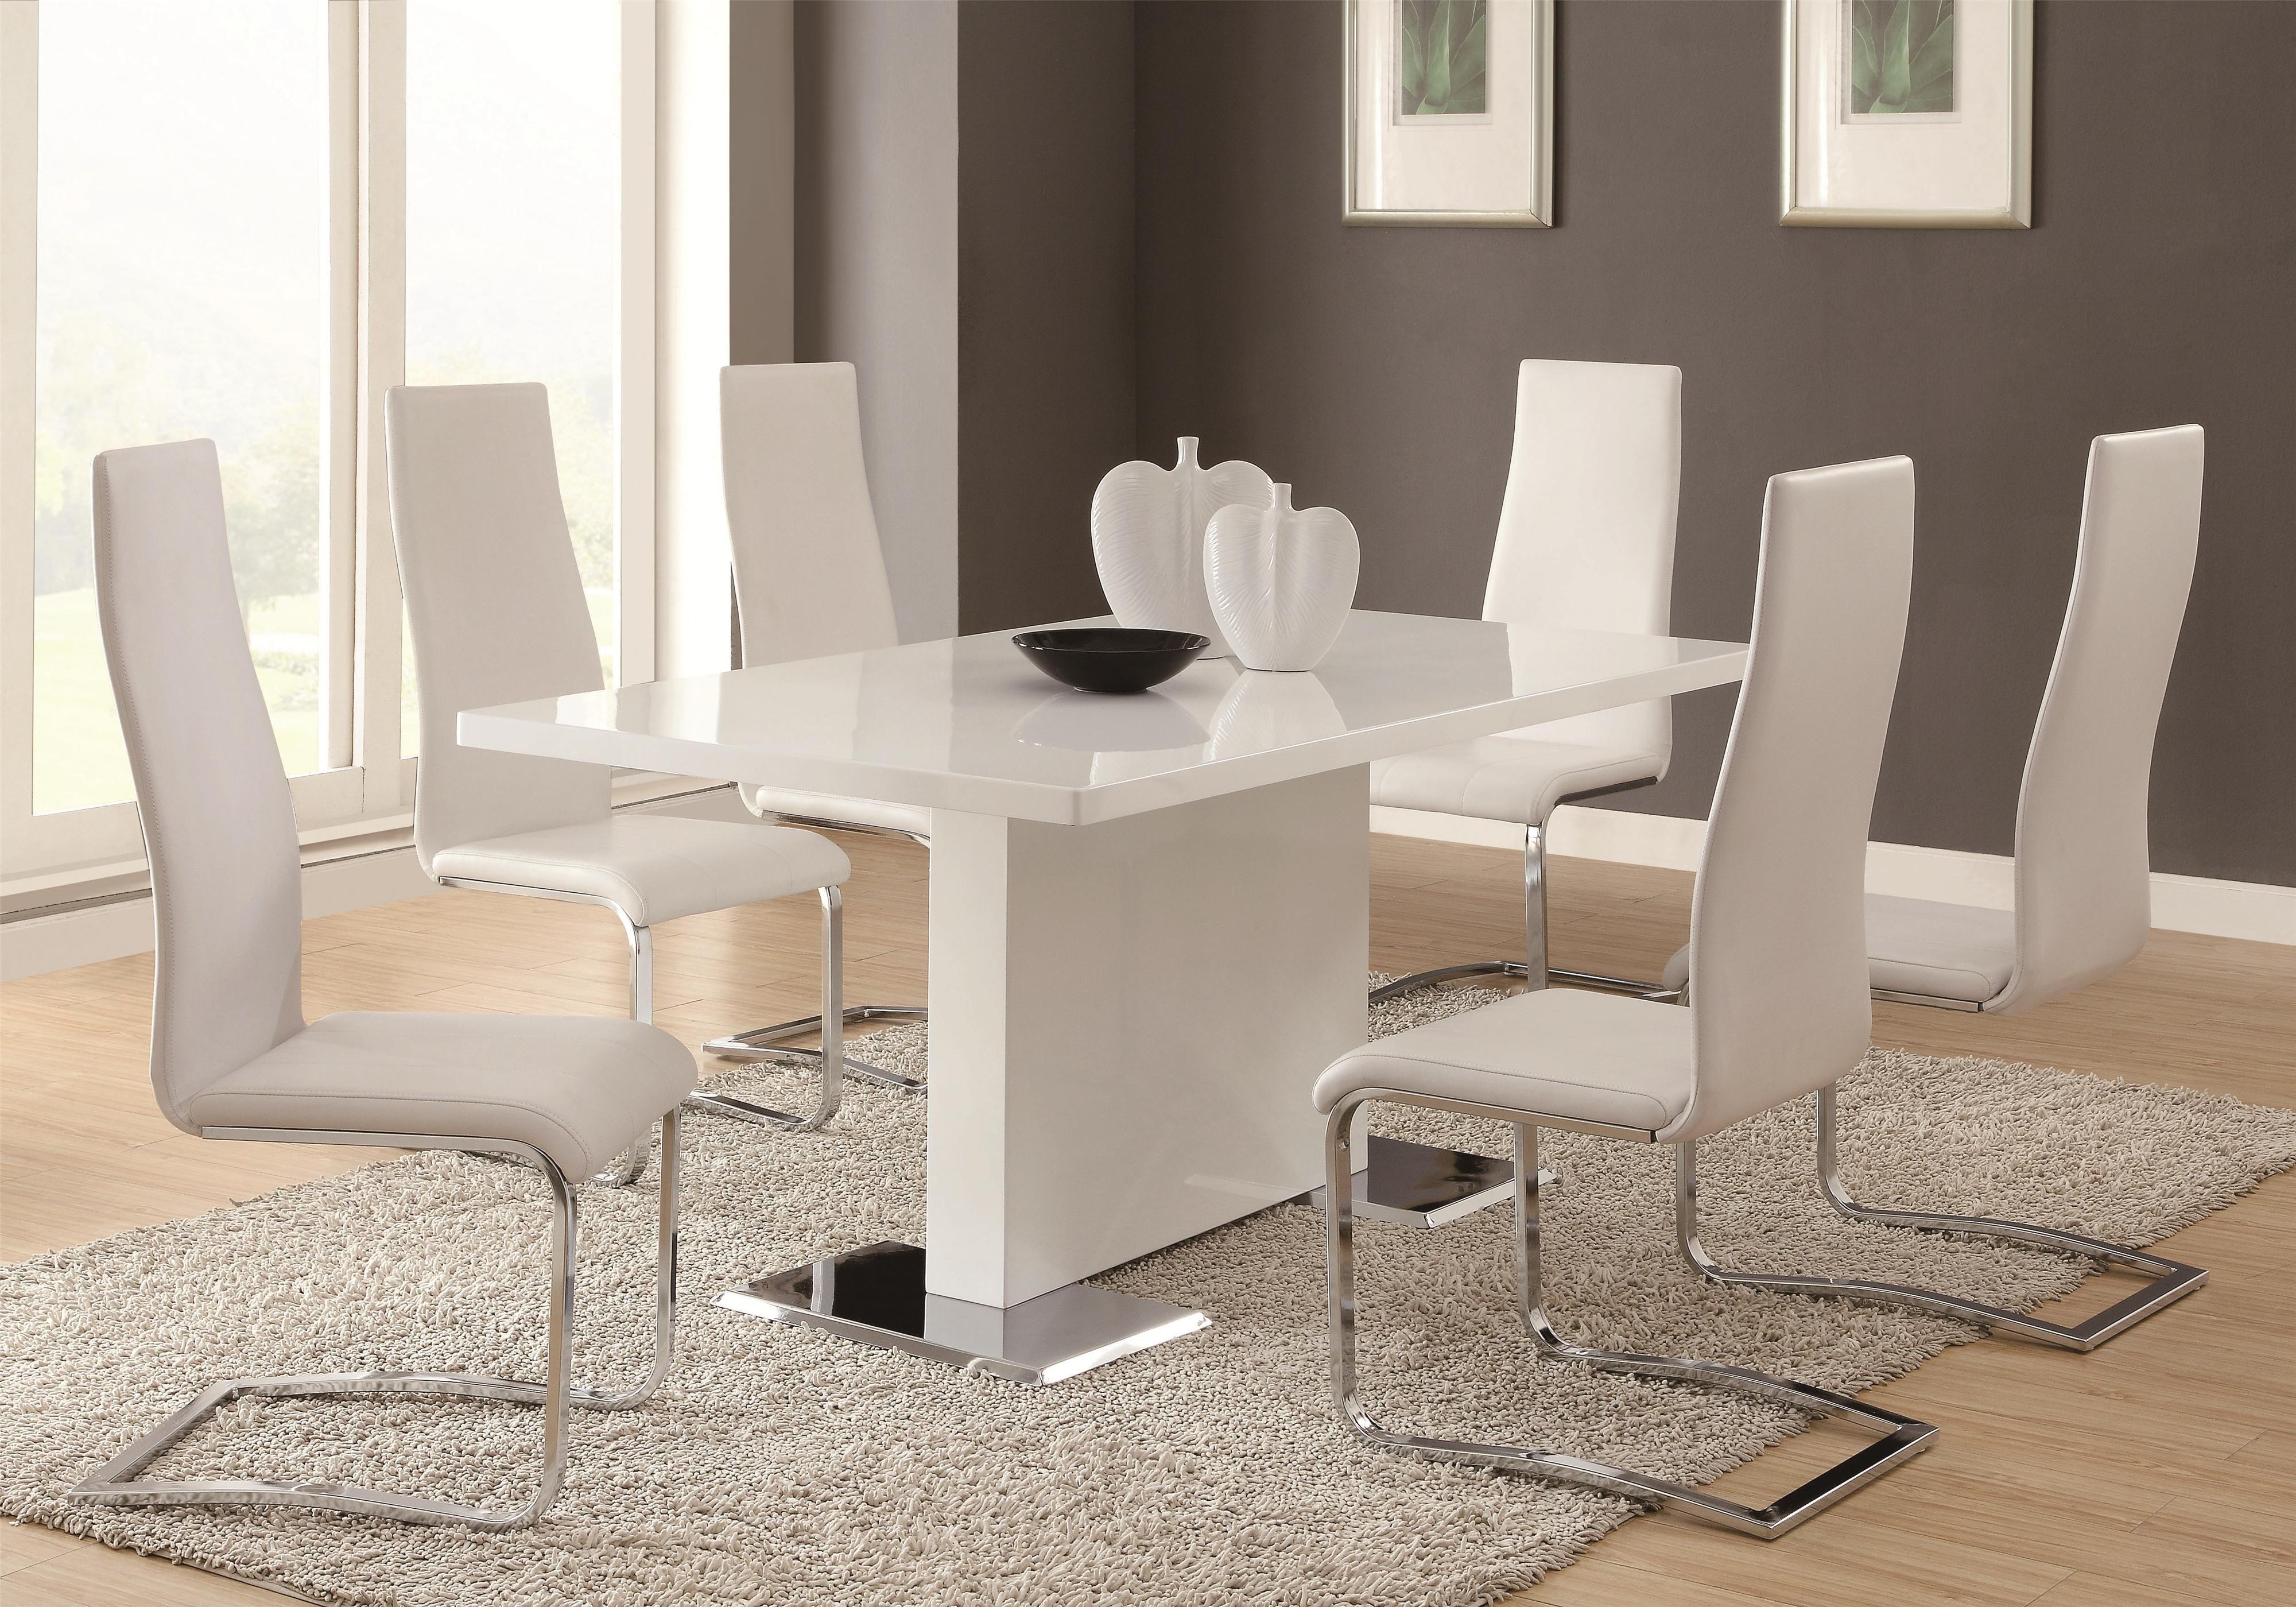 Weiße Küche, Tisch Und Stühle | Stühle modern | Pinterest | Küche ...